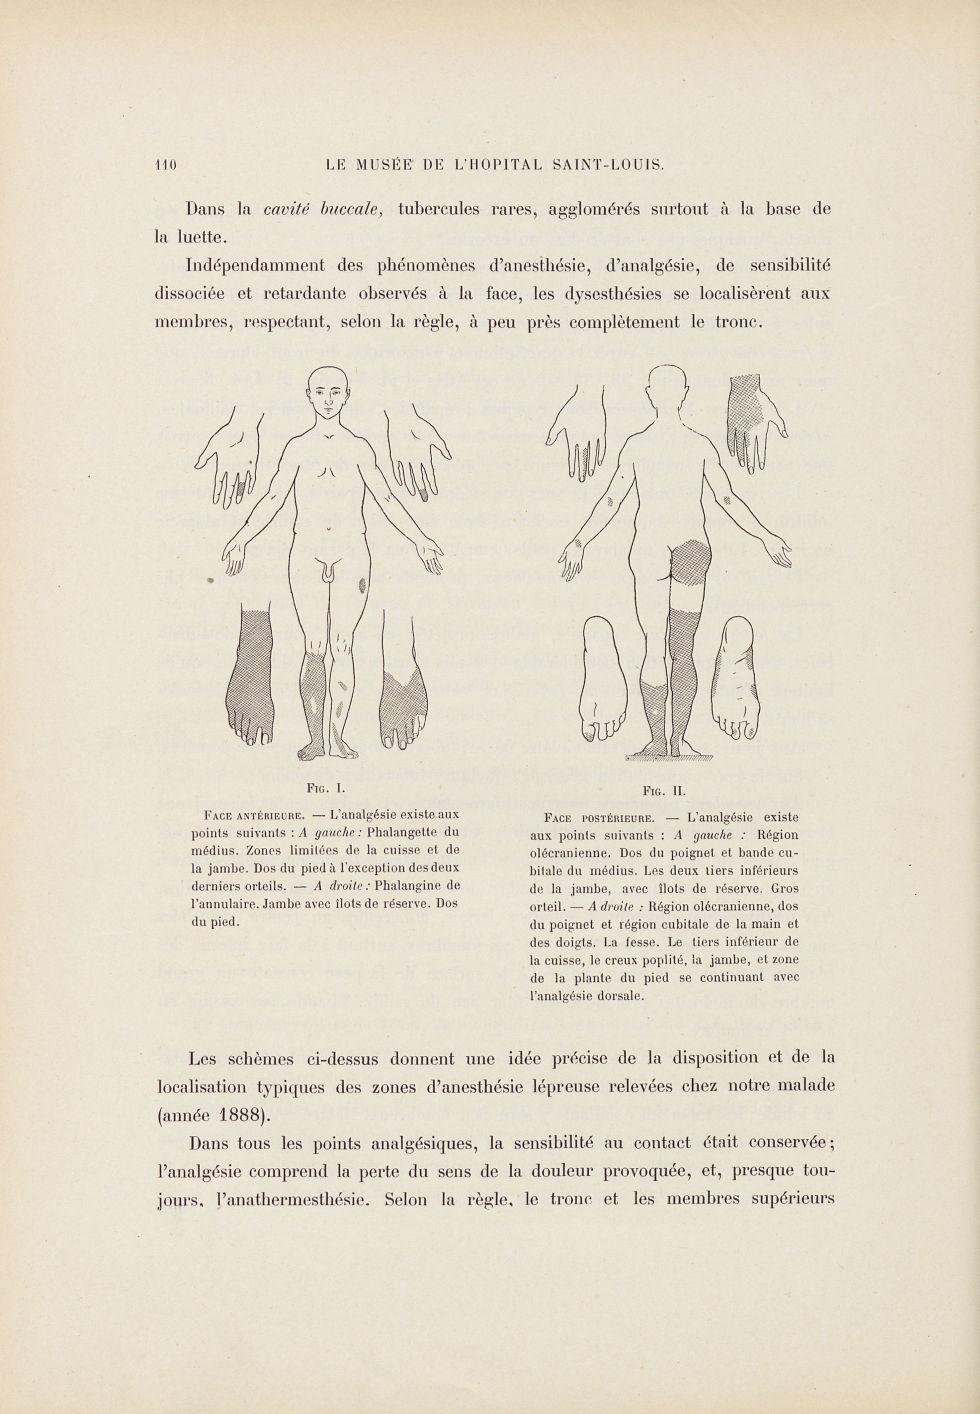 Fig. 1 et 2. Disposition et localisation typiques des zones d'anesthésie lépreuse relevées chez notre malade (année 1888) - Dermatologie (peau). Lèpre. Sensations. Douleur. 19e siècle (France) - med01740x0132